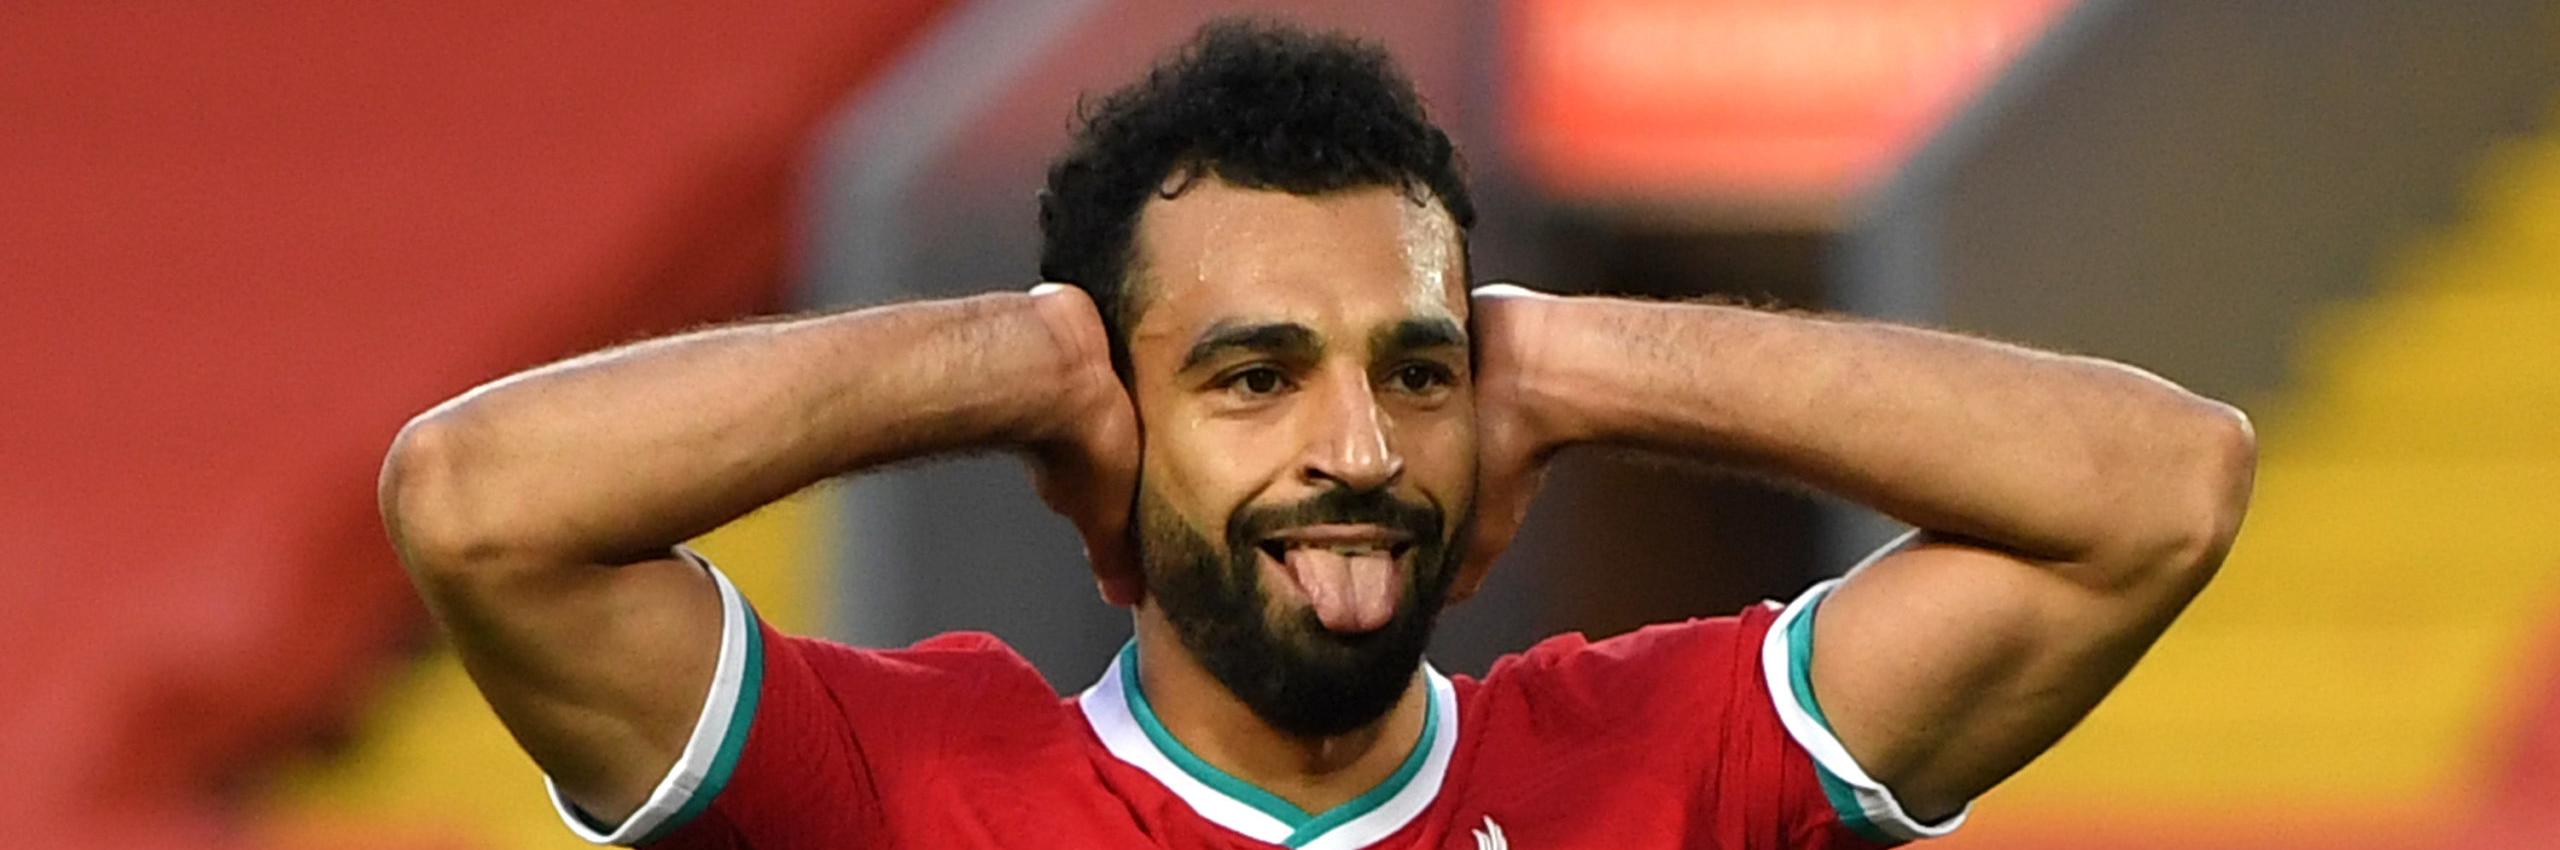 Ajax-Liverpool, per i Reds mai come adesso la miglior difesa è l'attacco